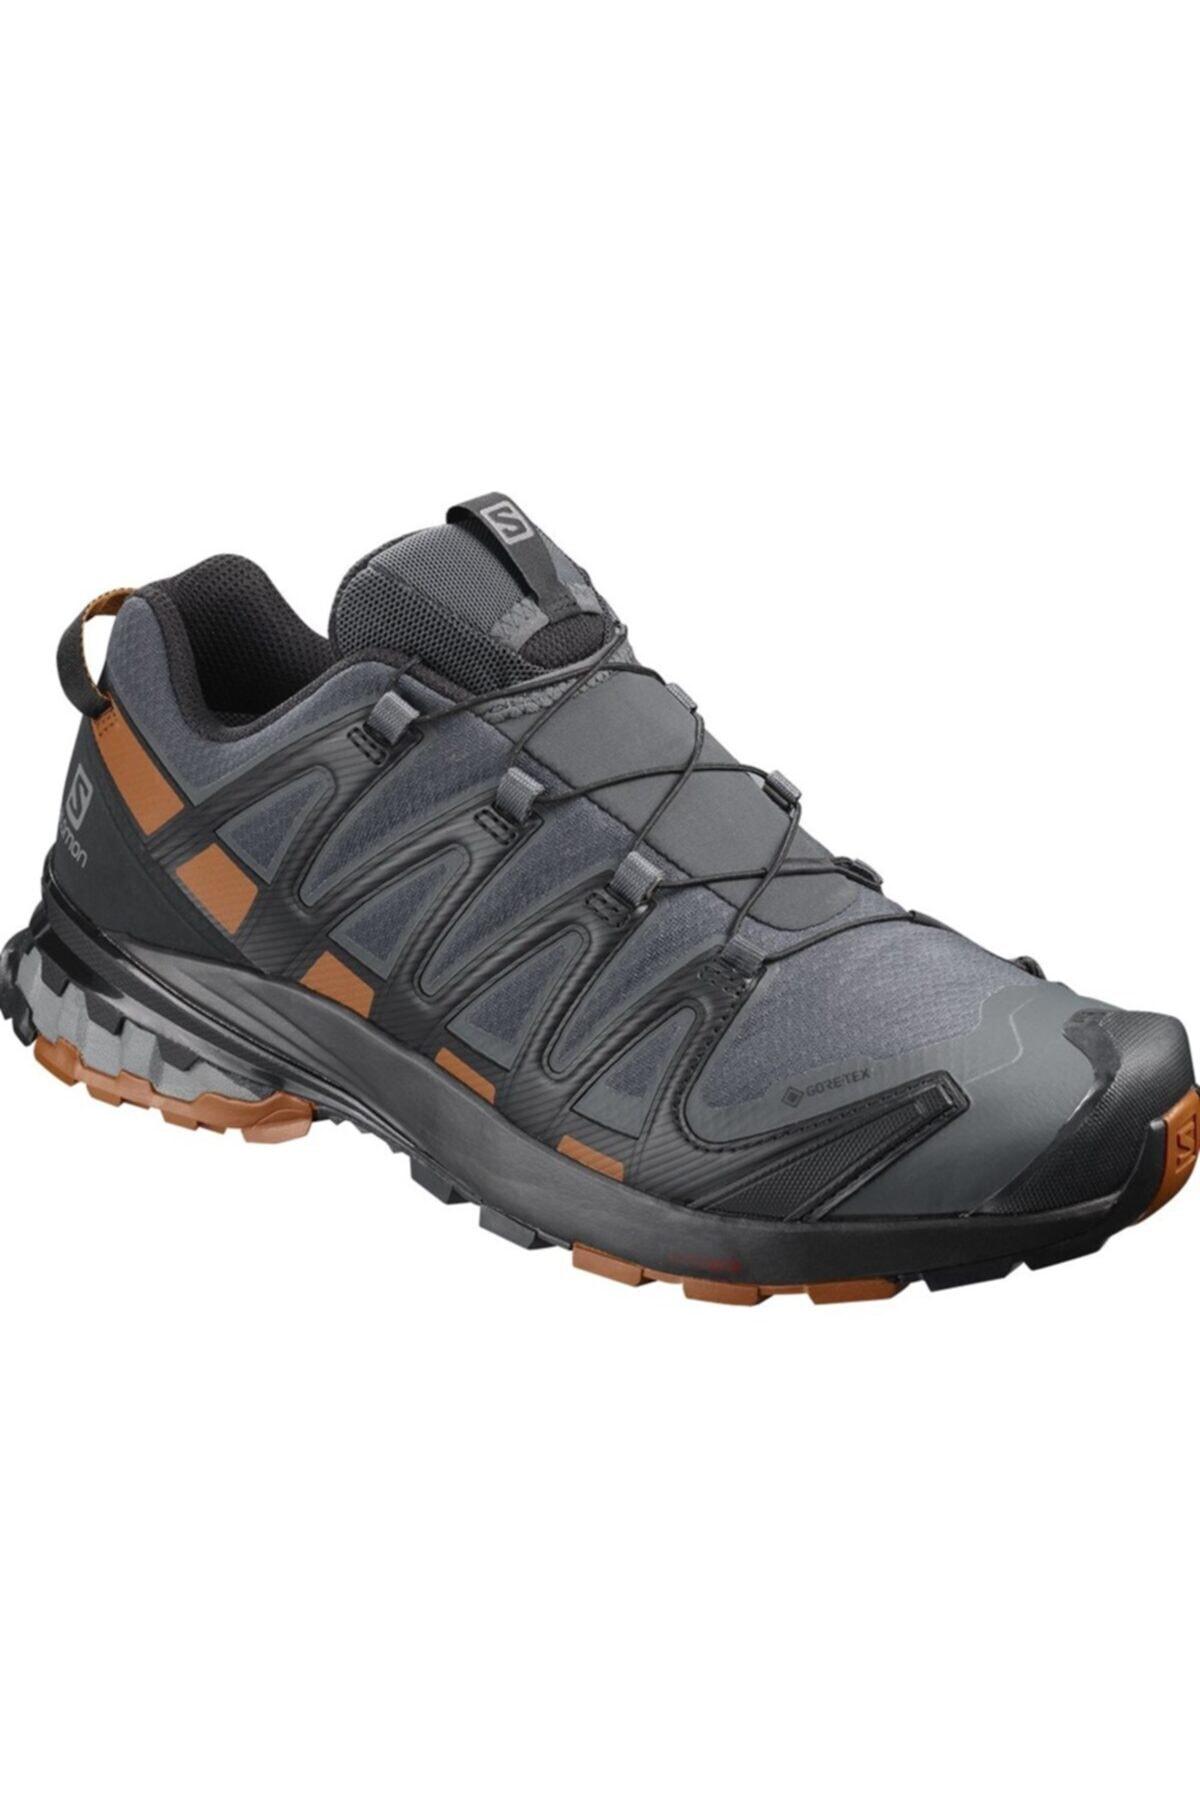 خرید اینترنتی کفش کوهنوردی خاص برند Salomon رنگ نقره ای کد ty47554724